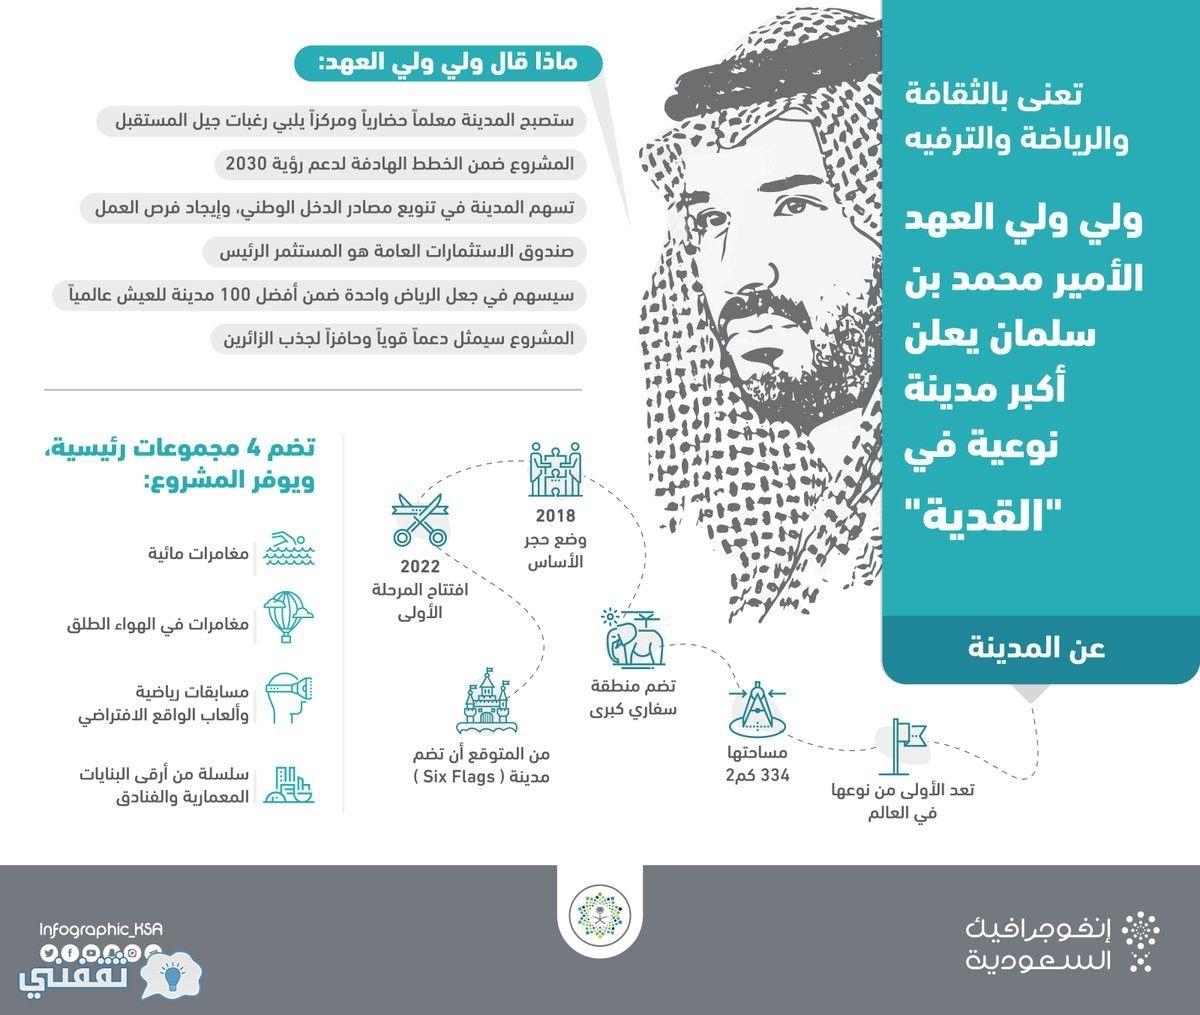 مشروع محمد بن سلمان بالقدية القدية مشروع القدية الجديد الرياض في السعودية آلاف فرص العمل Http Www Thaqfny Co Boarding Pass Mobile Boarding Pass Public